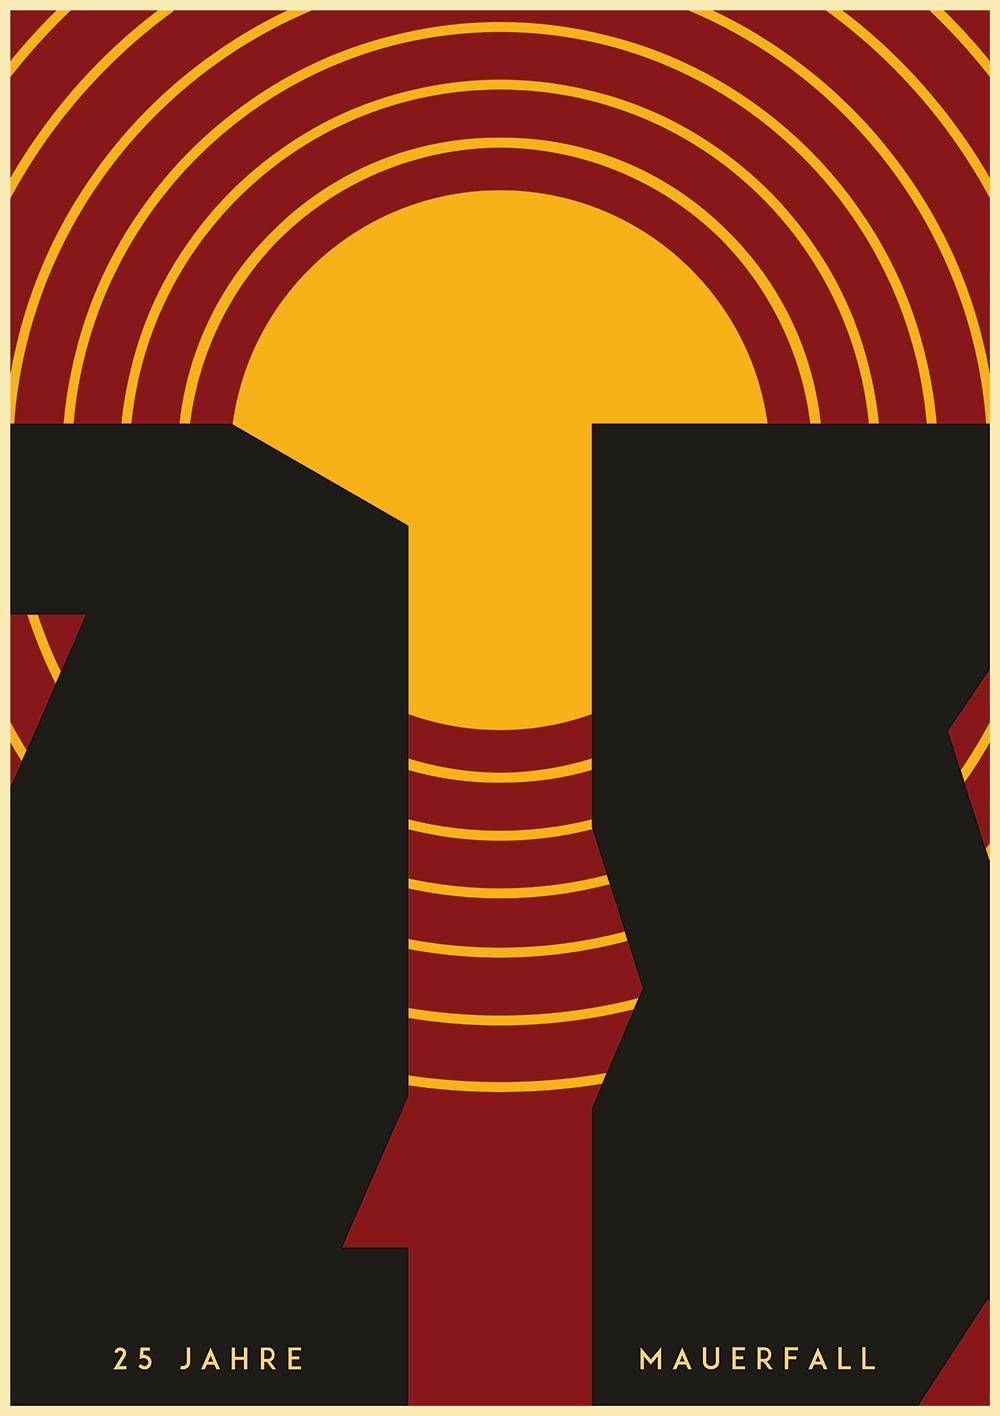 99designs Community Contest: 25 Jahre Mauerfall - Plakat zur Wiedervereinigung